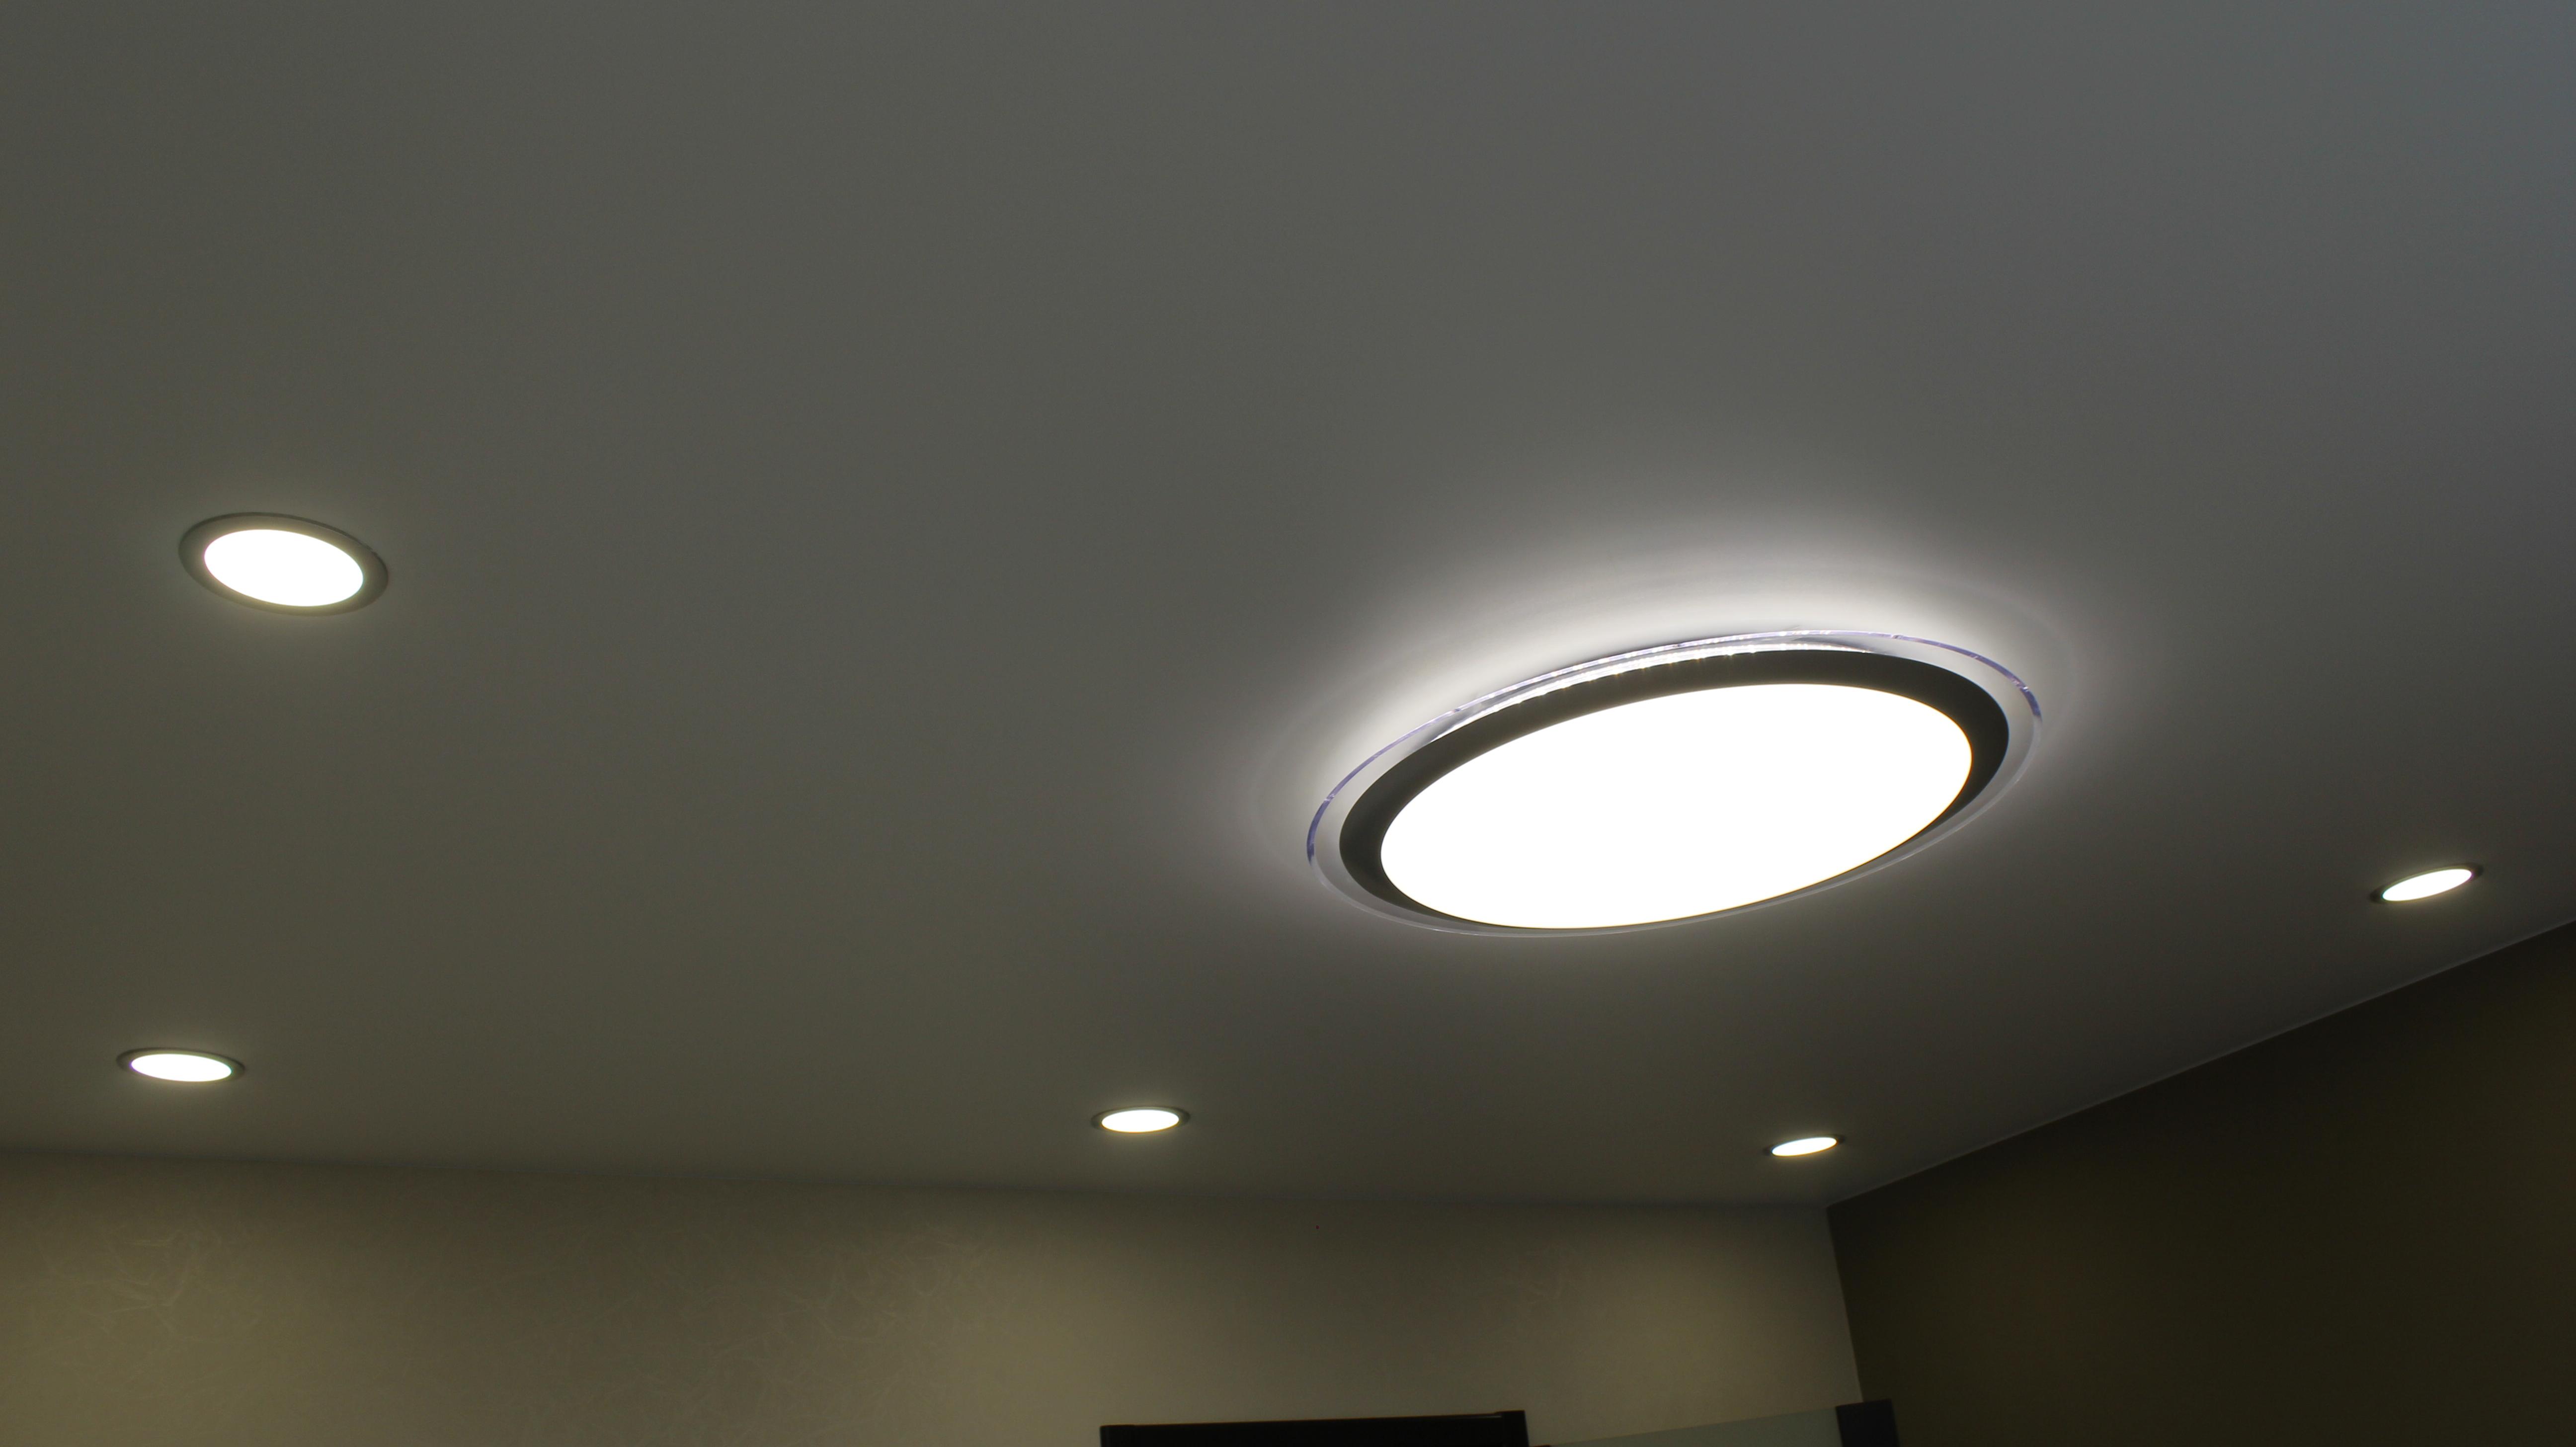 светодиодные можно применять без ограничений